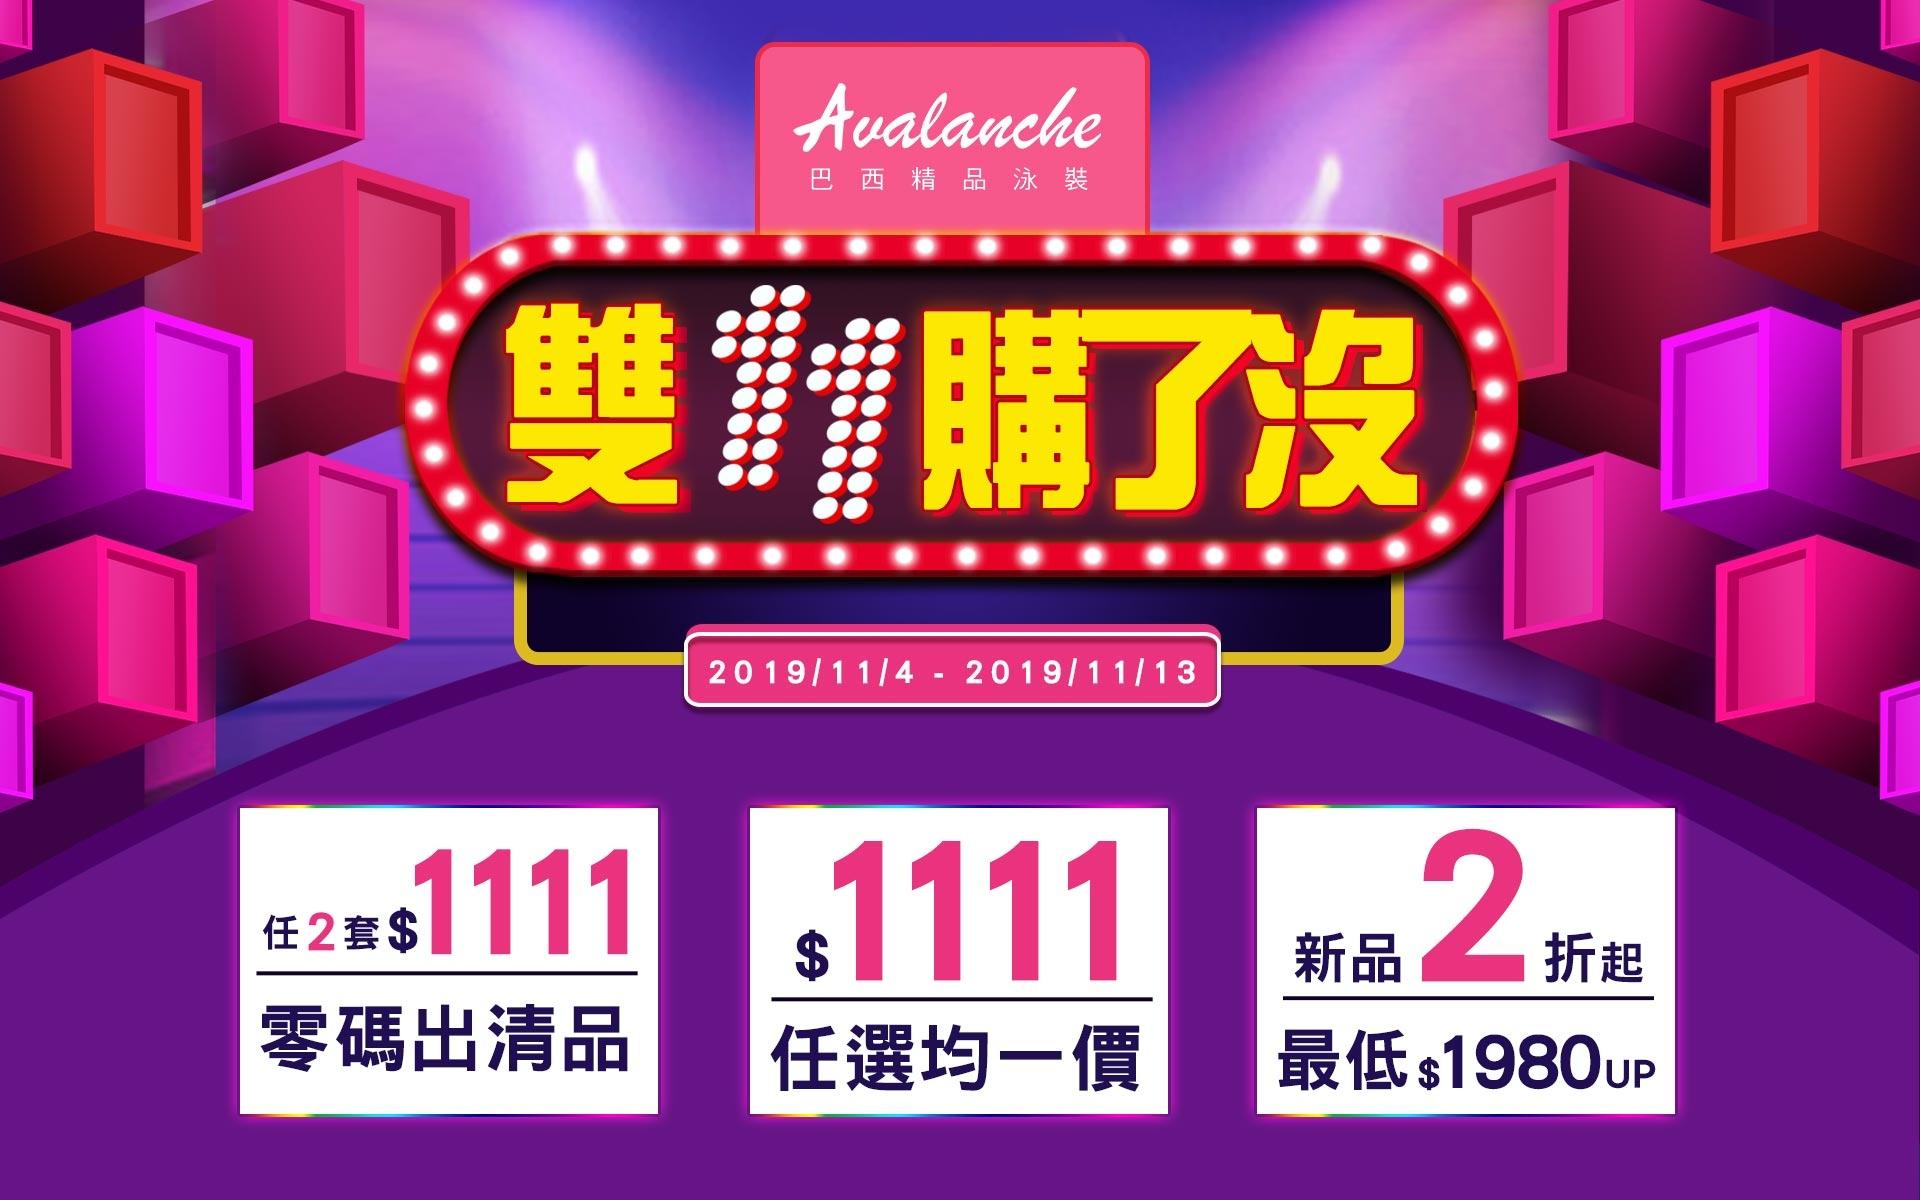 1111購物節,全館最低$690,1折起